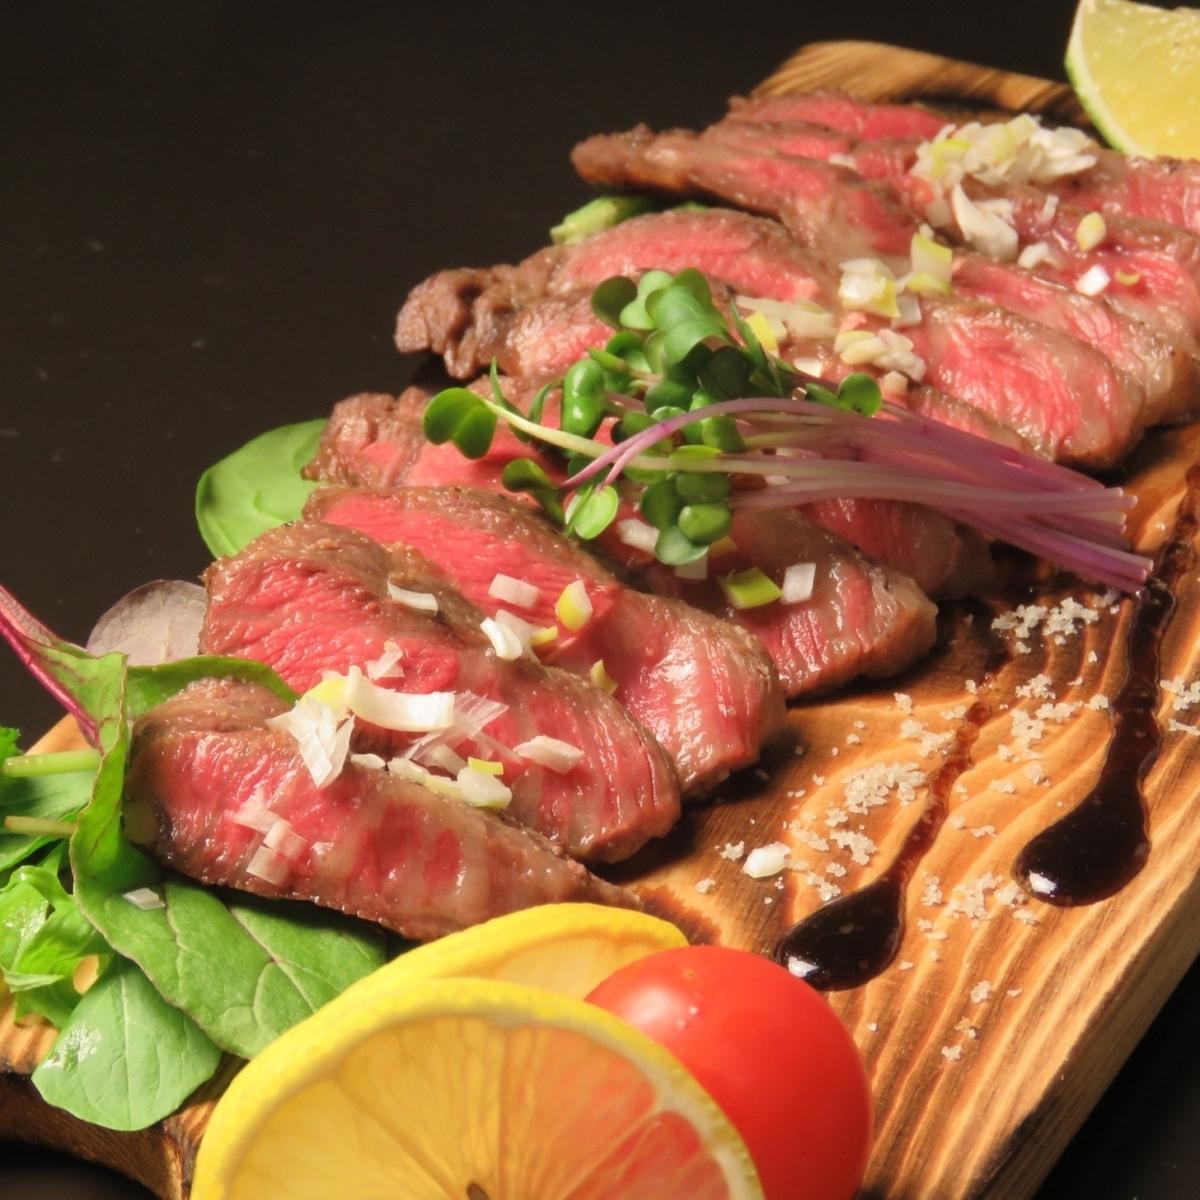 Cow Ichiba Steak / Ox Misuji Steak